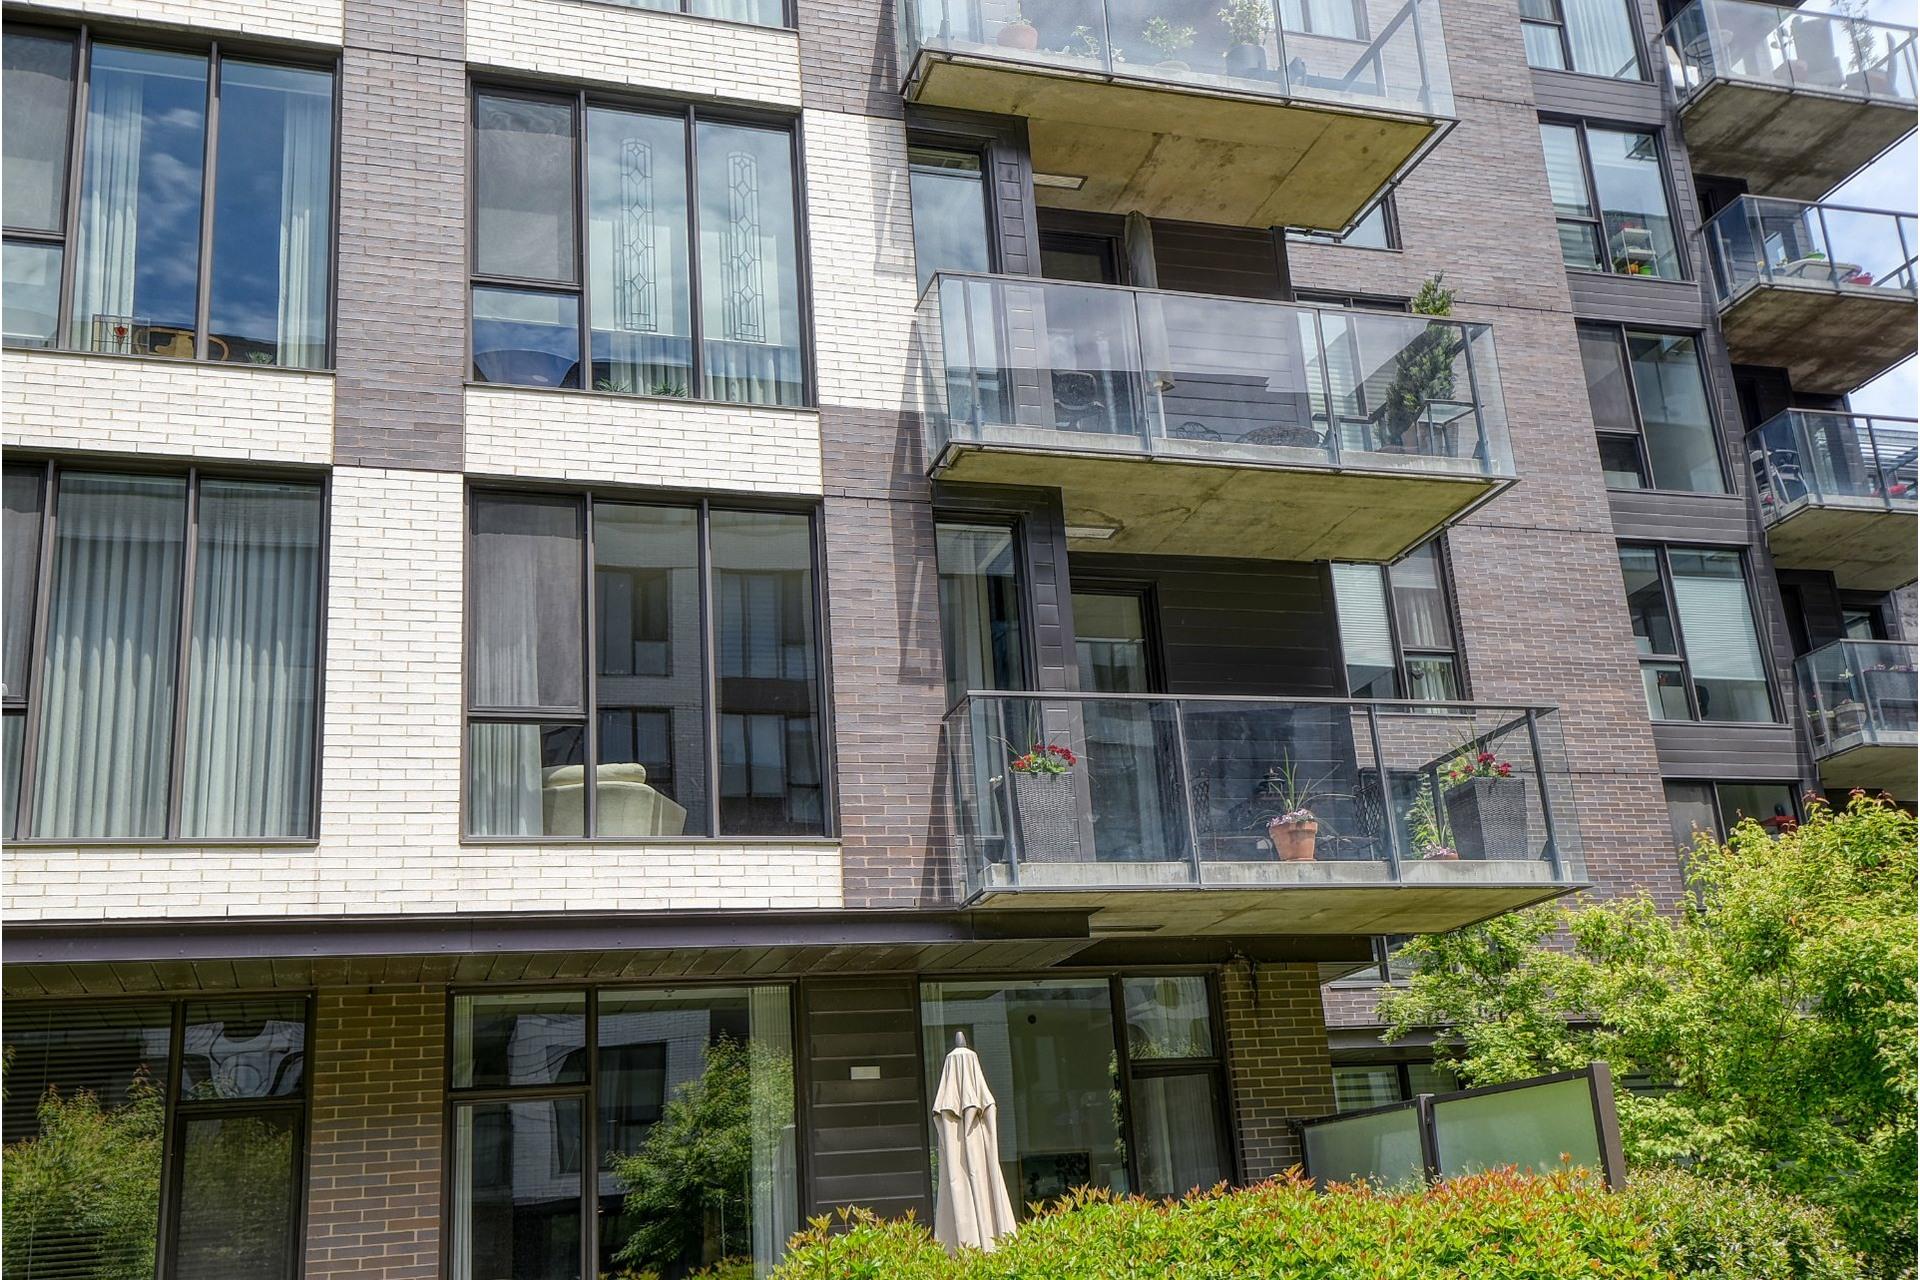 image 23 - Appartement À vendre Villeray/Saint-Michel/Parc-Extension Montréal  - 5 pièces